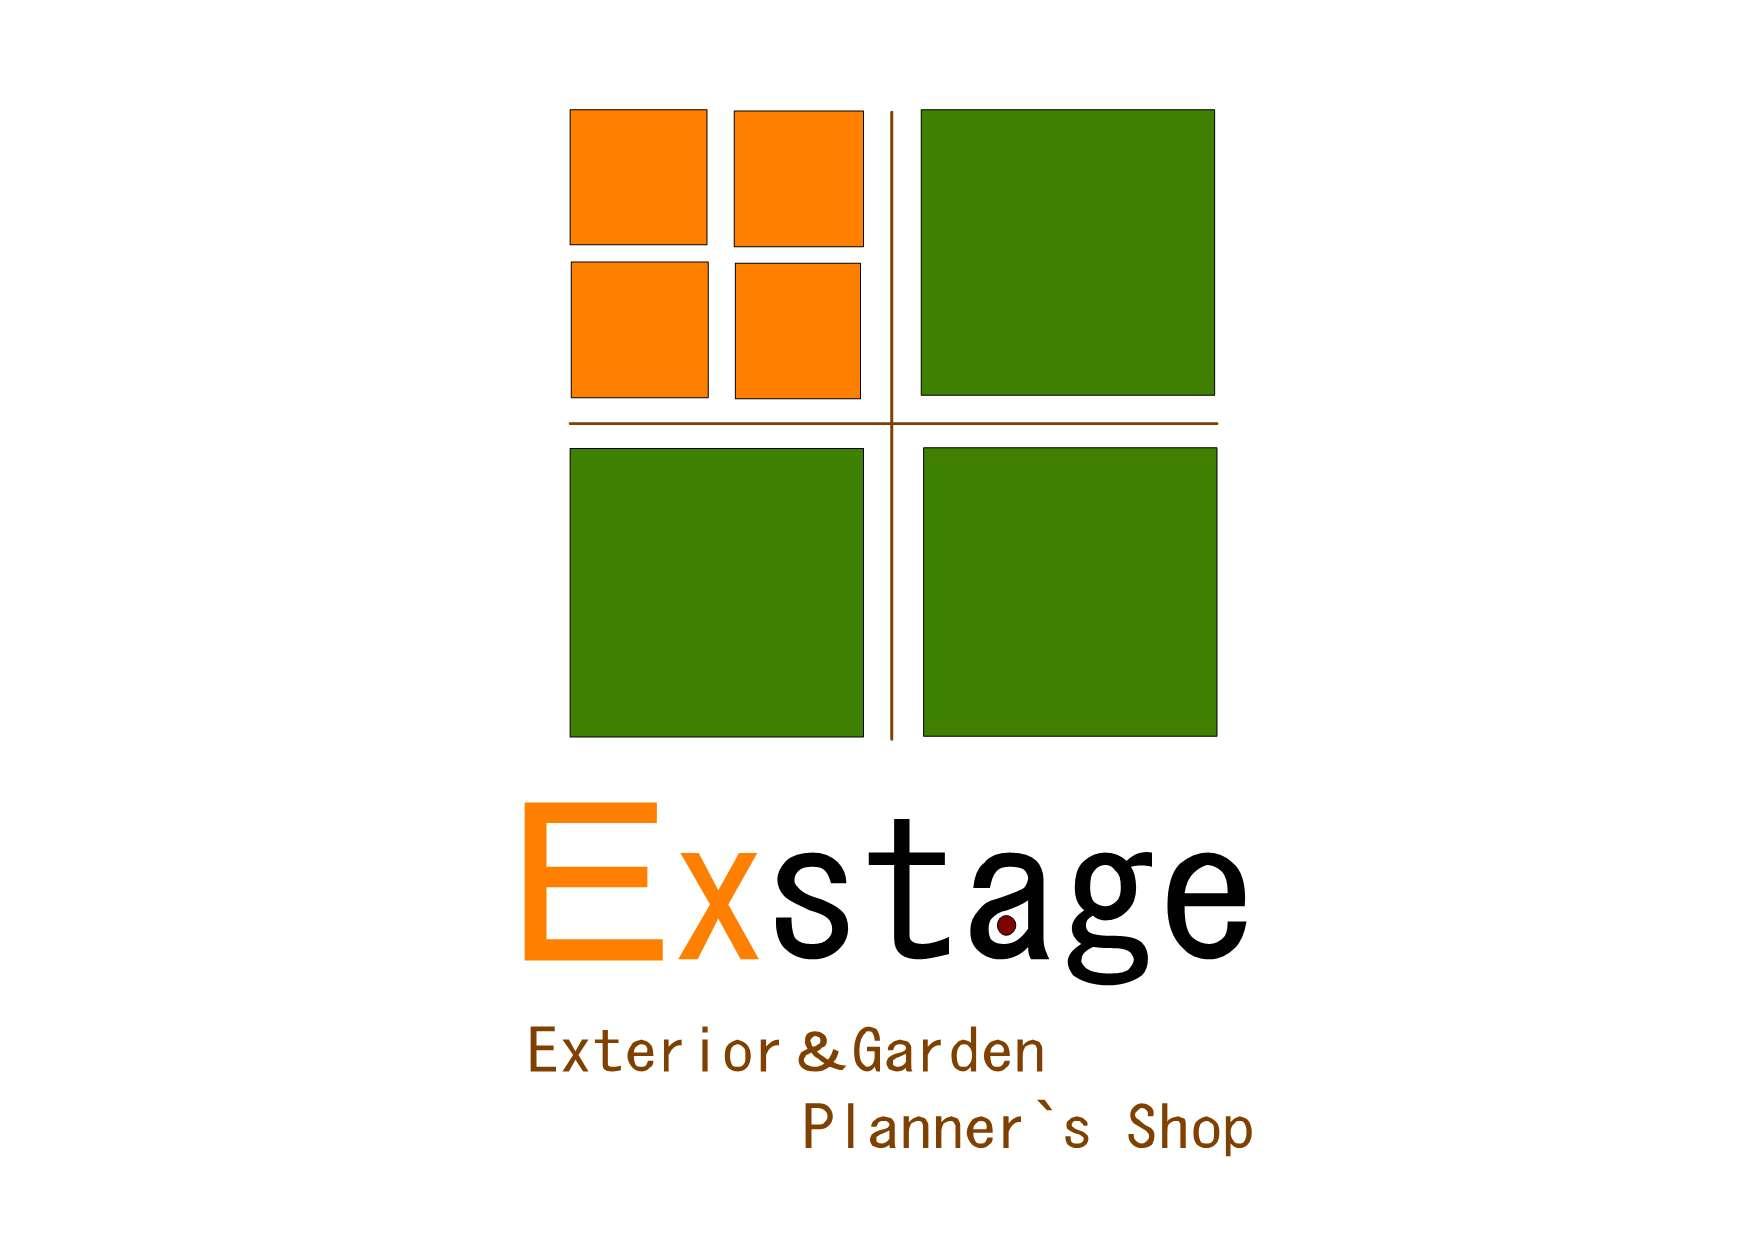 エクステージロゴ